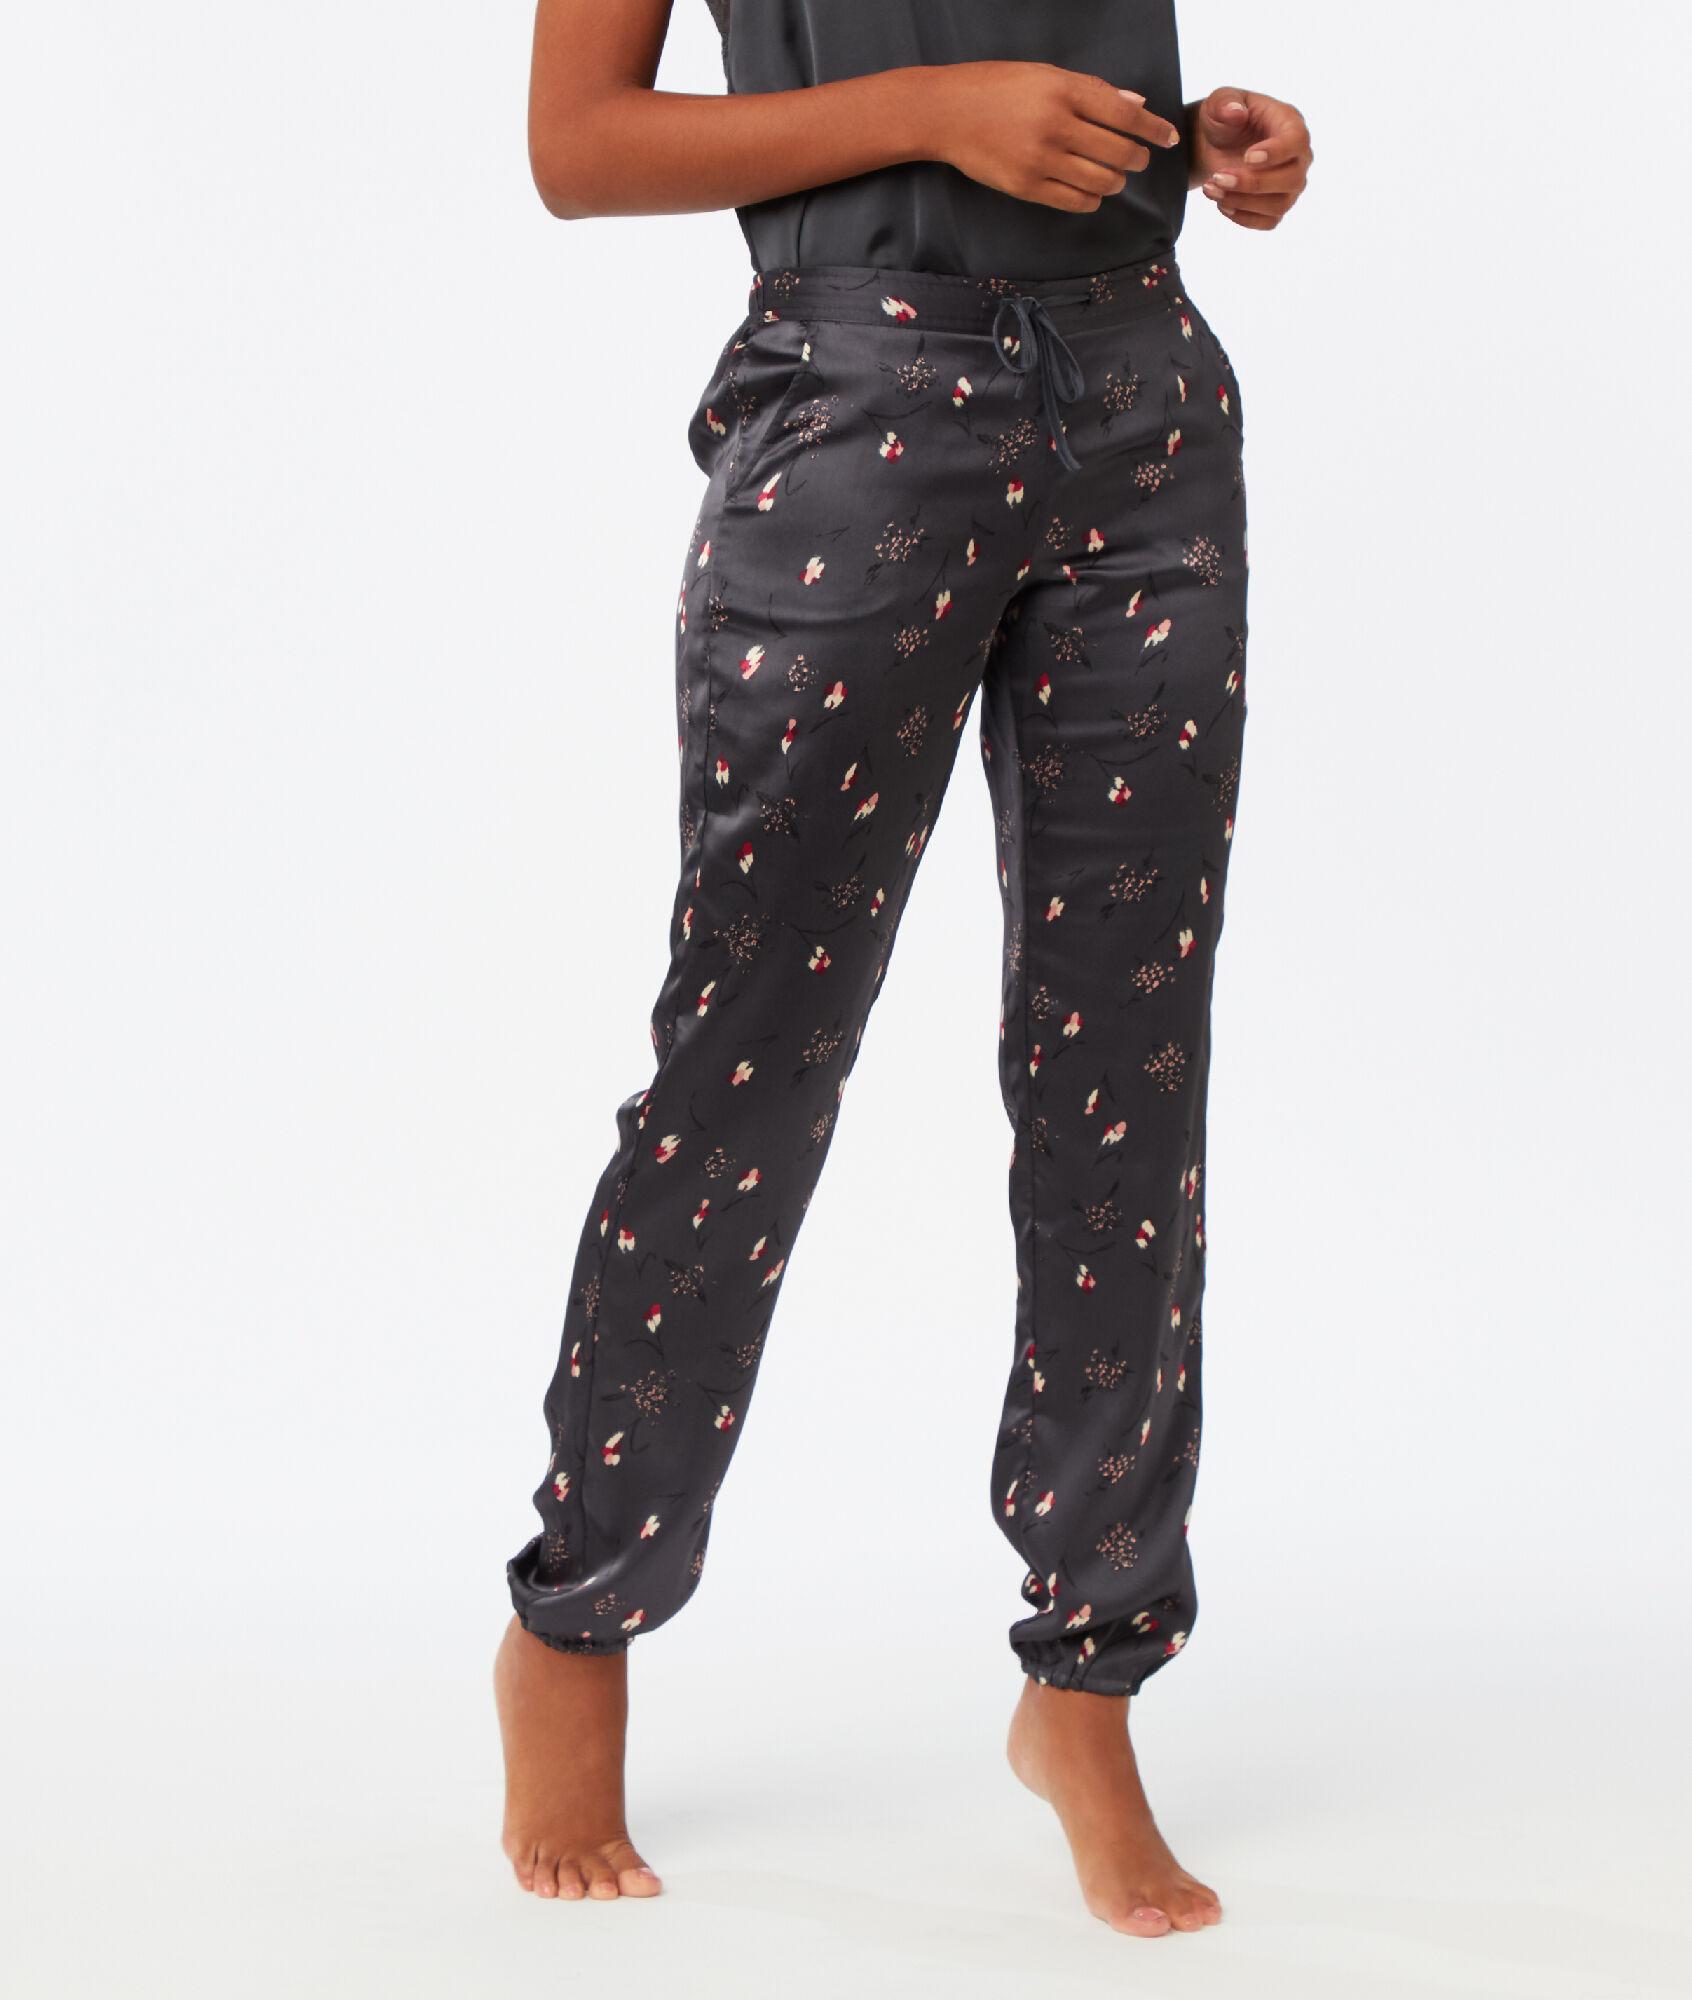 Pantalon satin imprimé - INDIE - GRIS - Etam 53ac8d5cca75